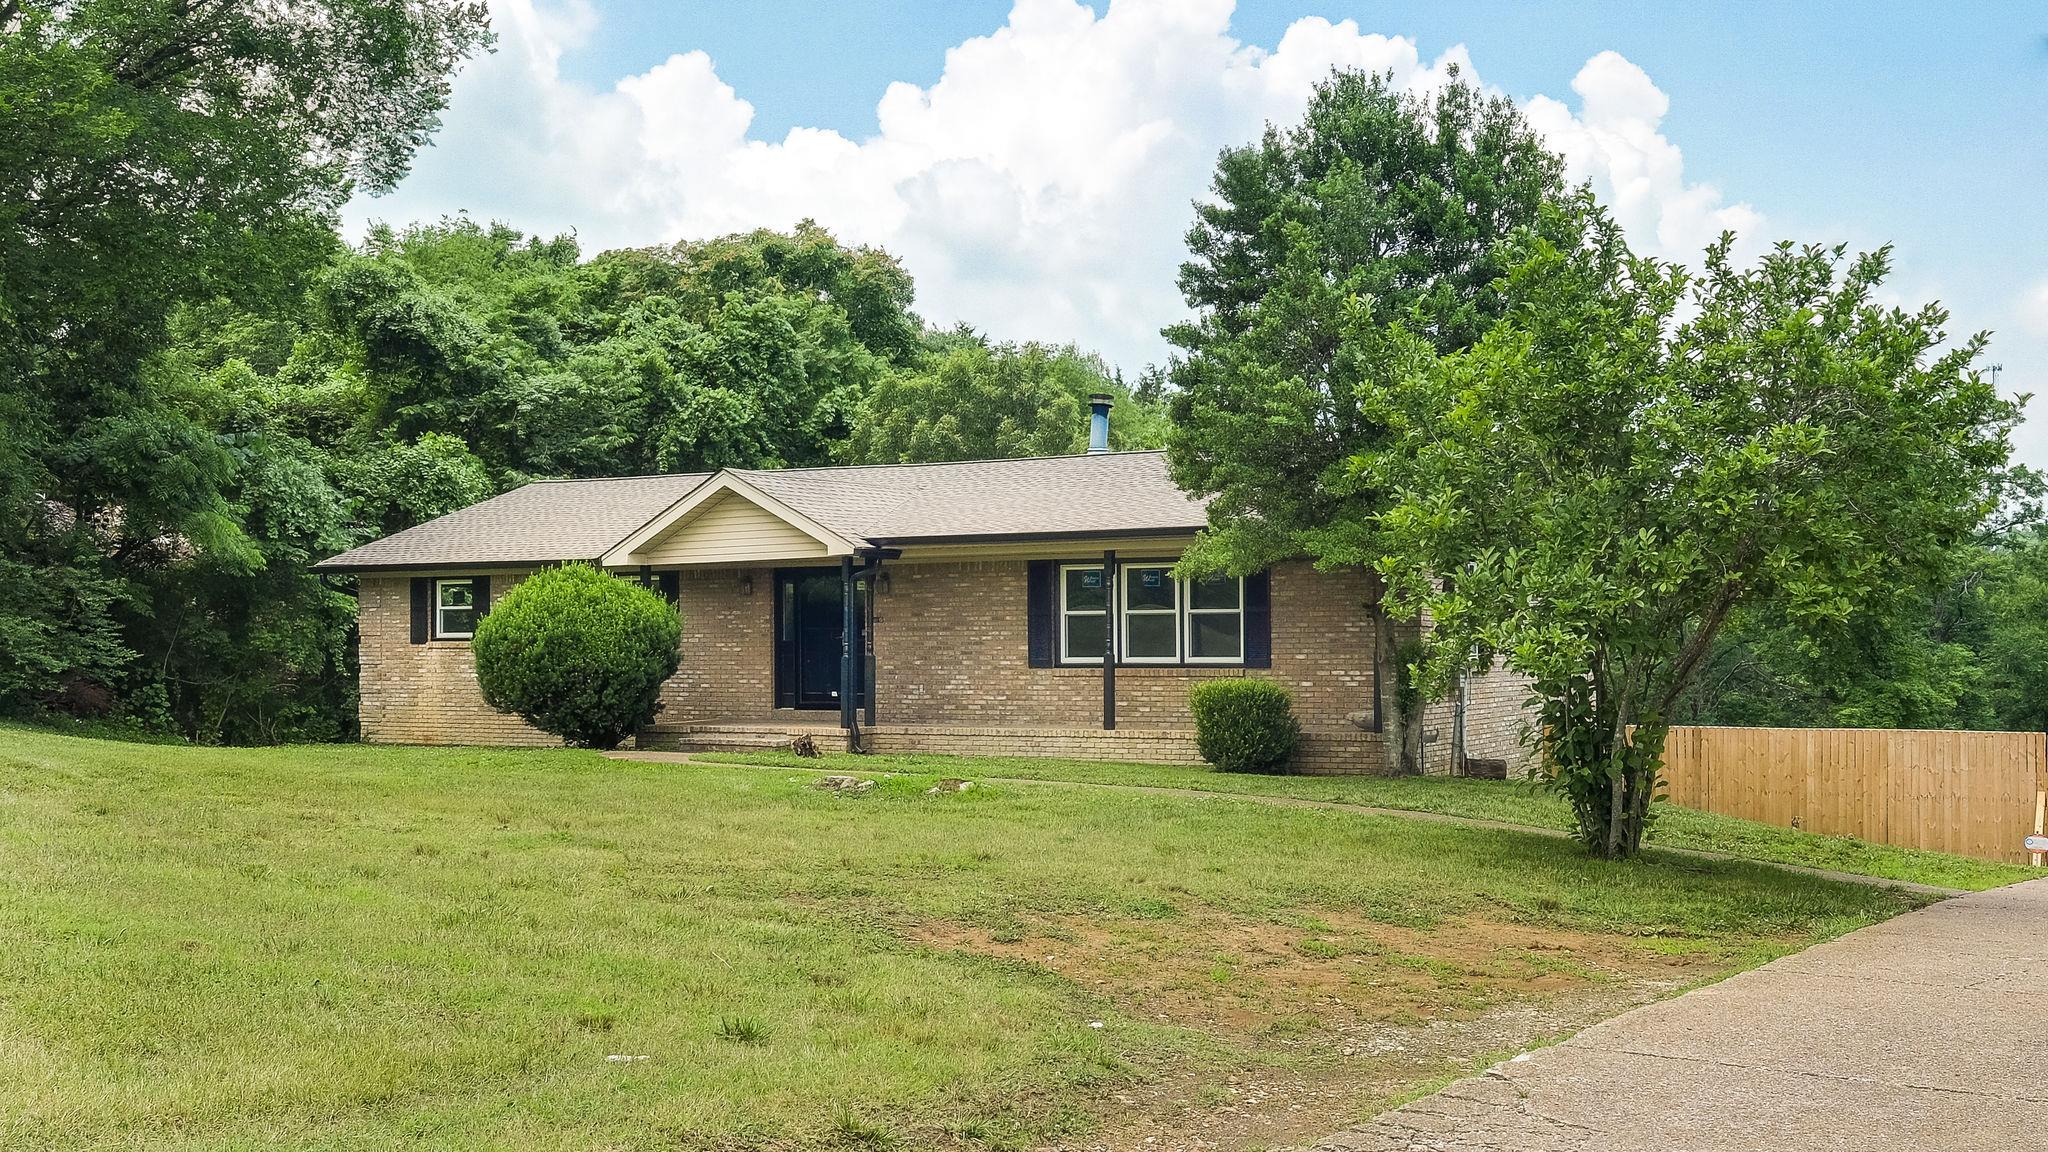 6179 Pettus Rd, Antioch, TN 37013 - Antioch, TN real estate listing